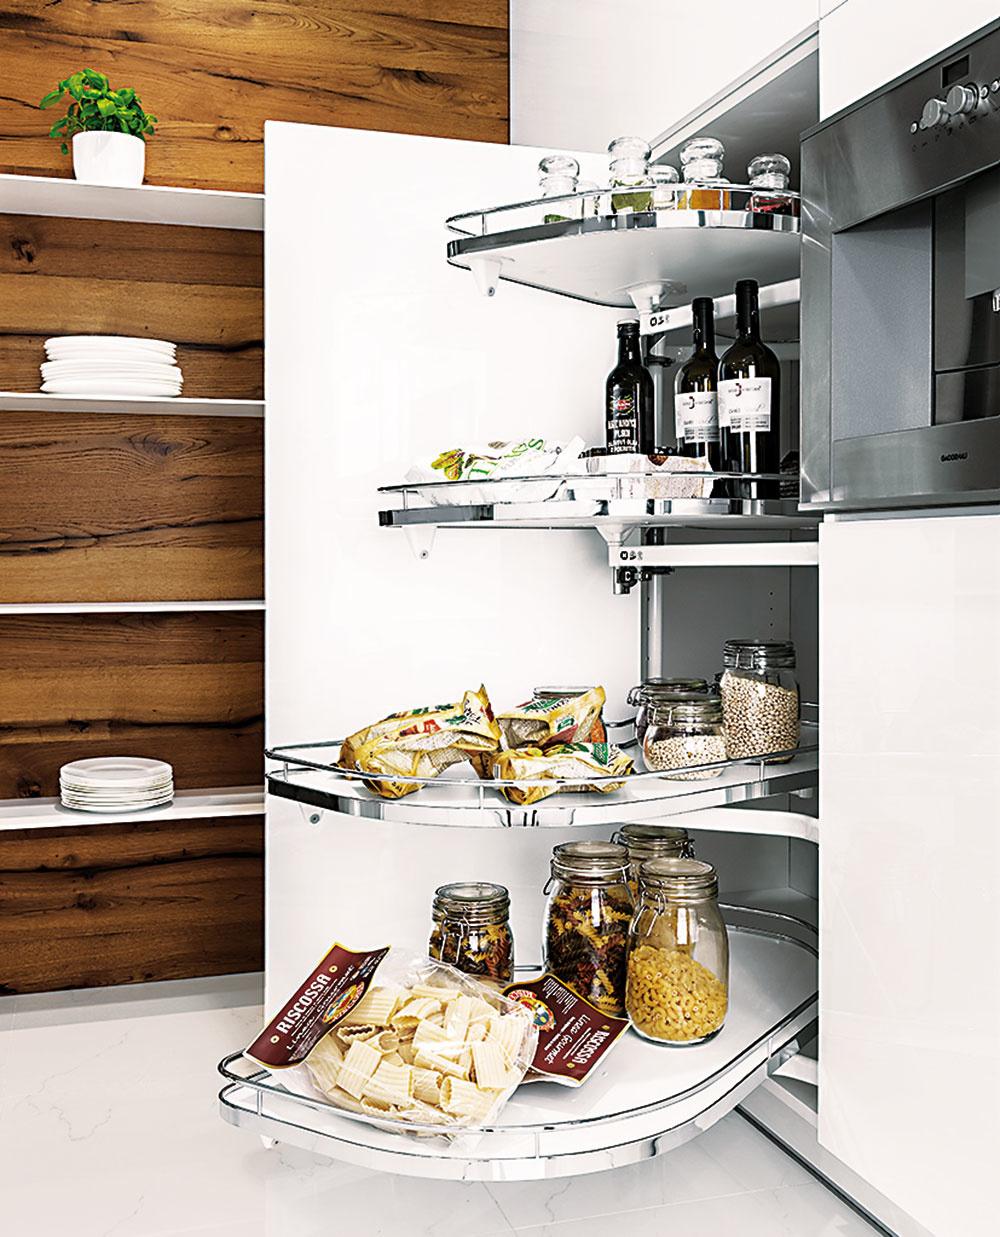 Rohy kuchynskej linky už nepredstavujú taký dramatický problém ako vminulosti. Dobré riešenie predstavujú otočno-výklopné police, ktoré sú navrhnuté tak, aby dobre zvládli aj vysokú záťaž. Kuchyne Elite od značky Hanák predáva Merito.